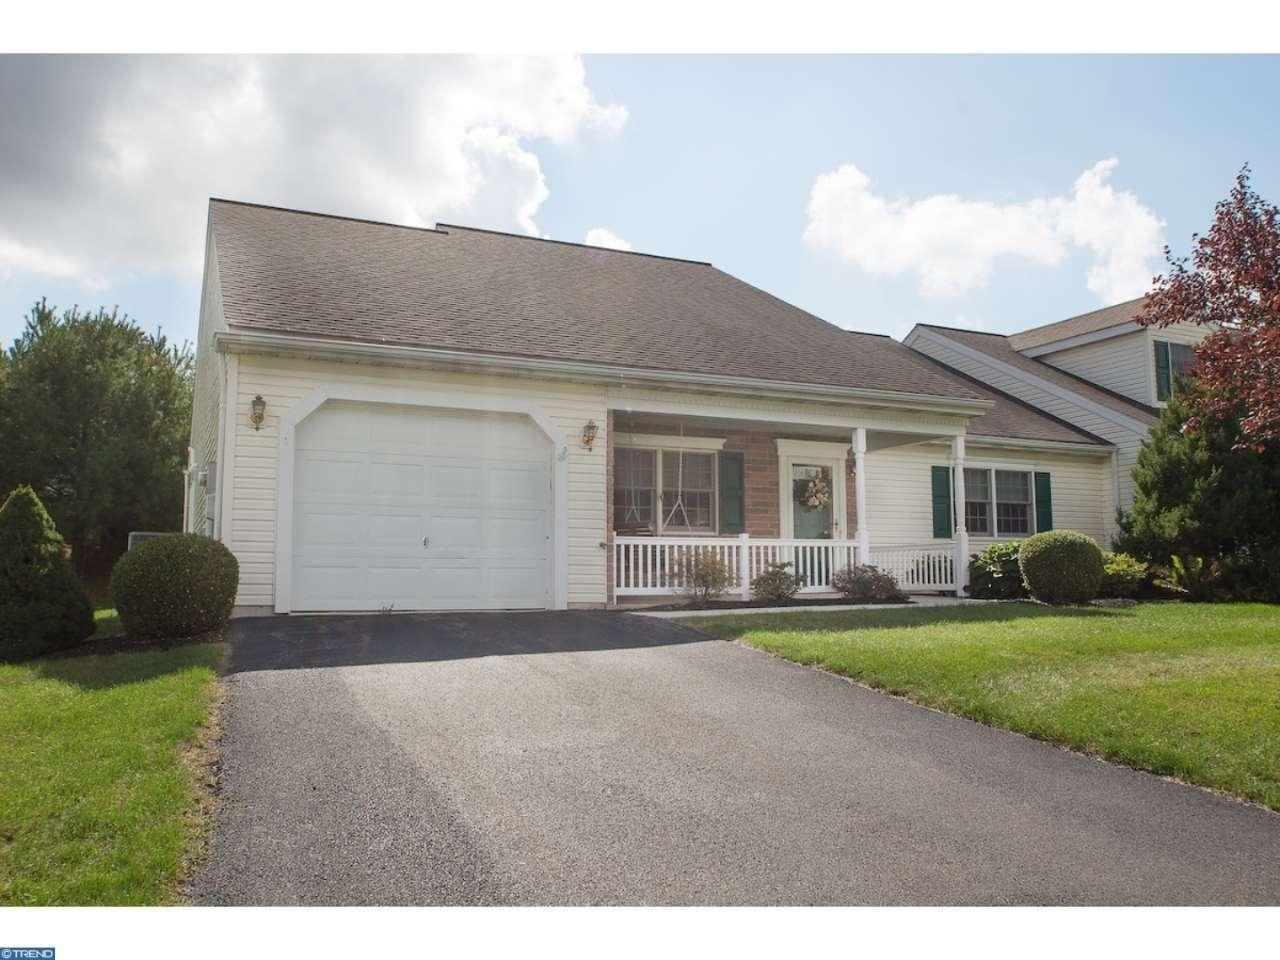 2526 School House Ln, Narvon, PA 17555